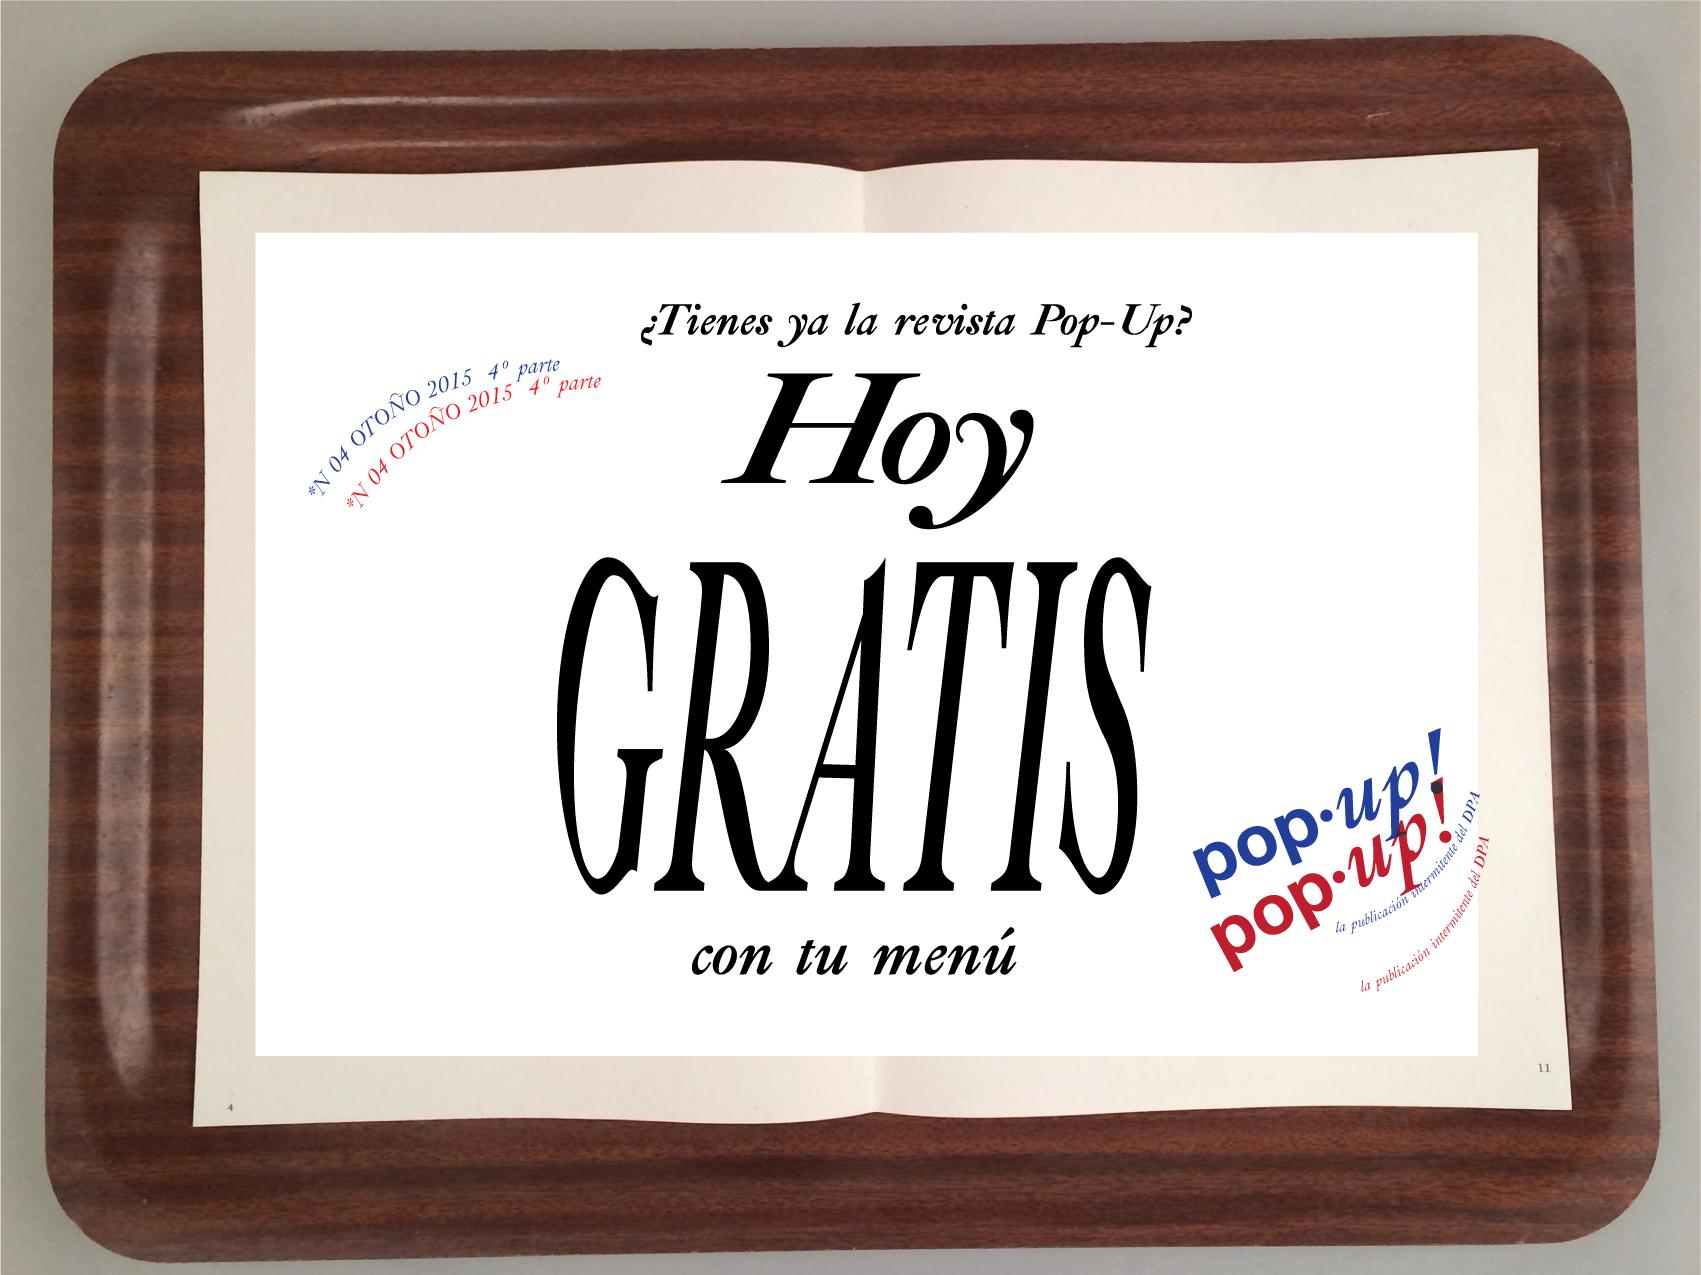 cartelPopUp4